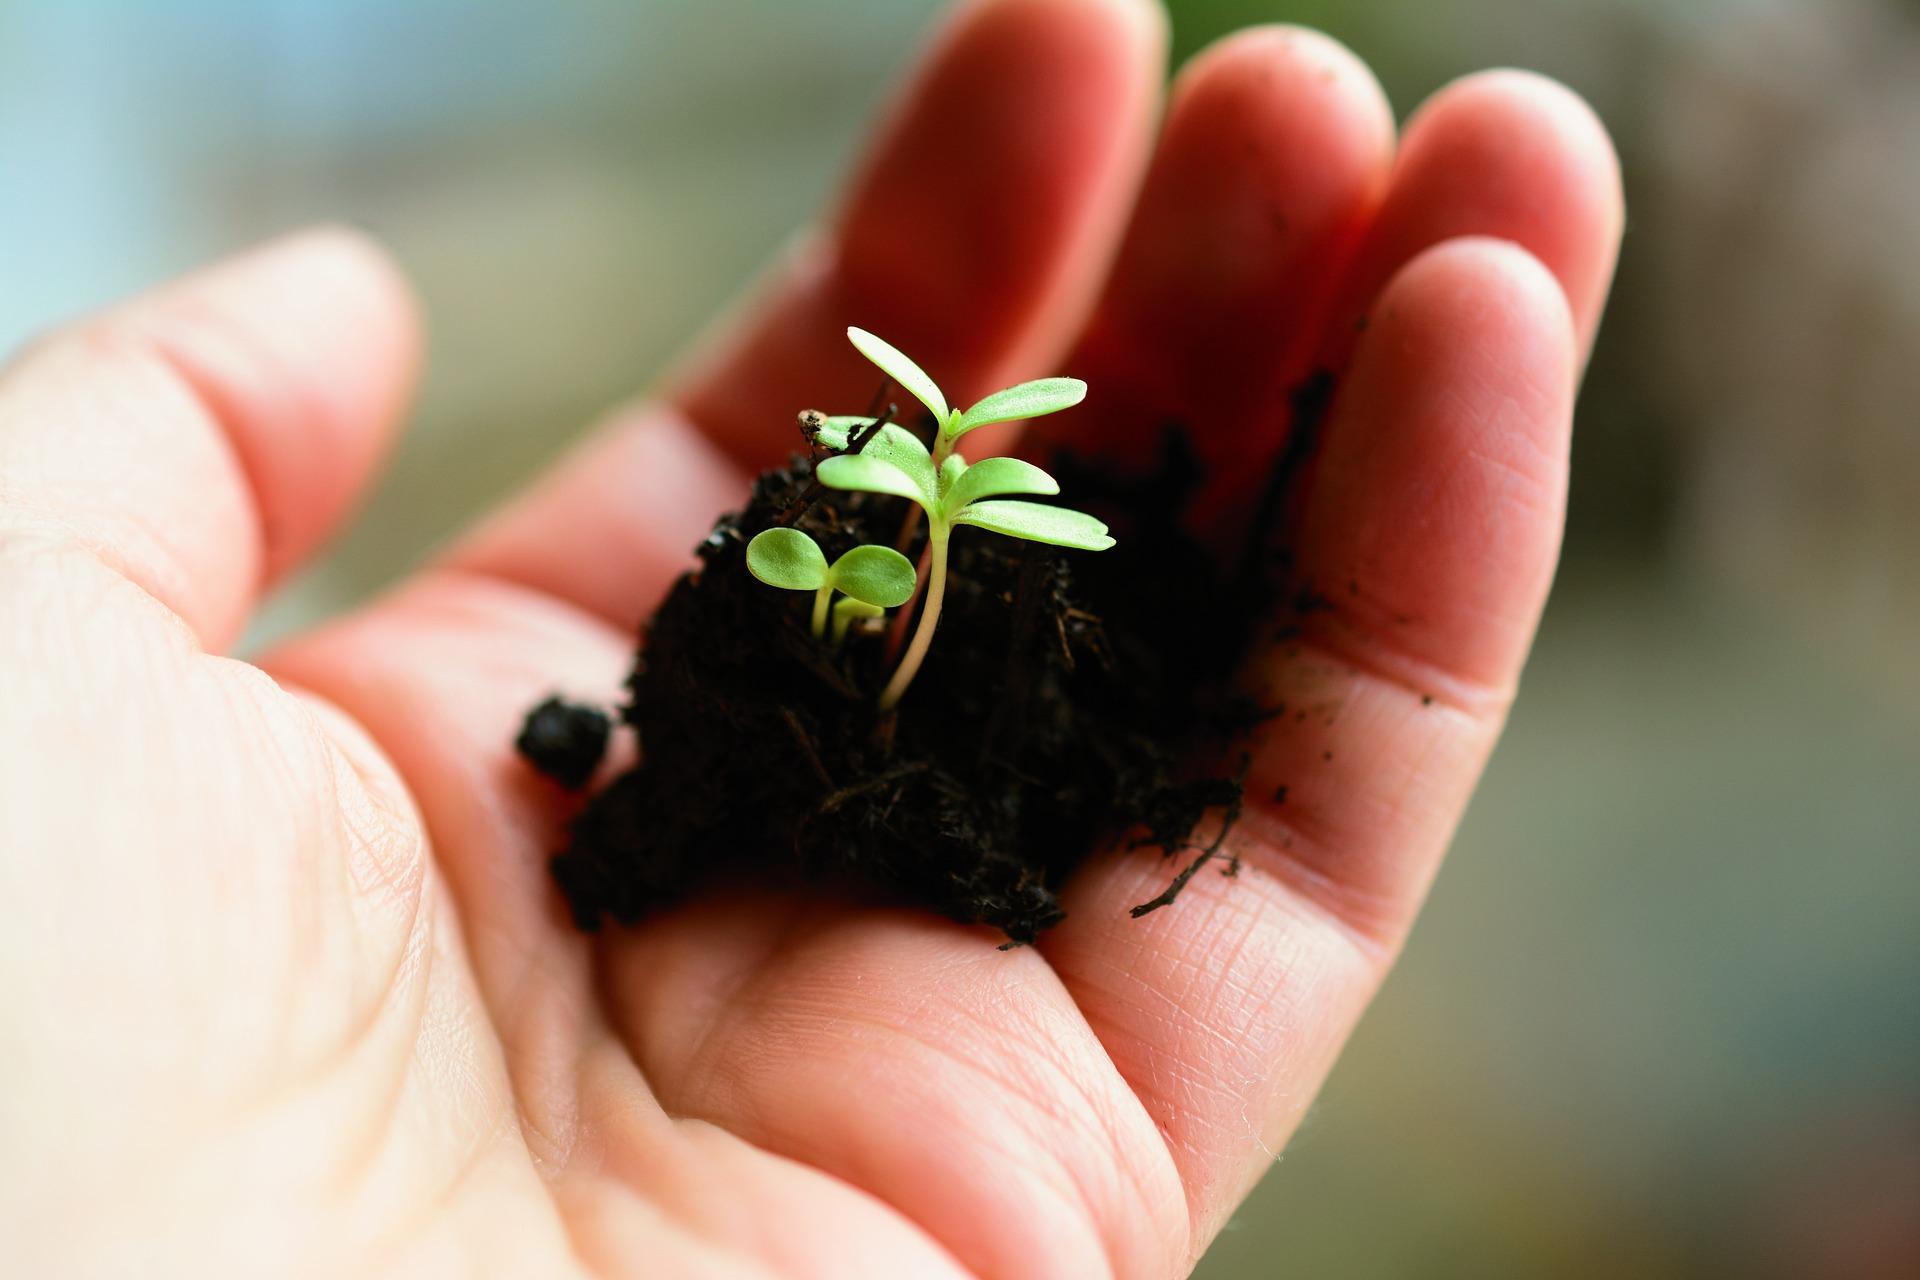 Мінекономіки співпрацюватиме з органами іноземної сертифікації для розвитку національного органічного сектору